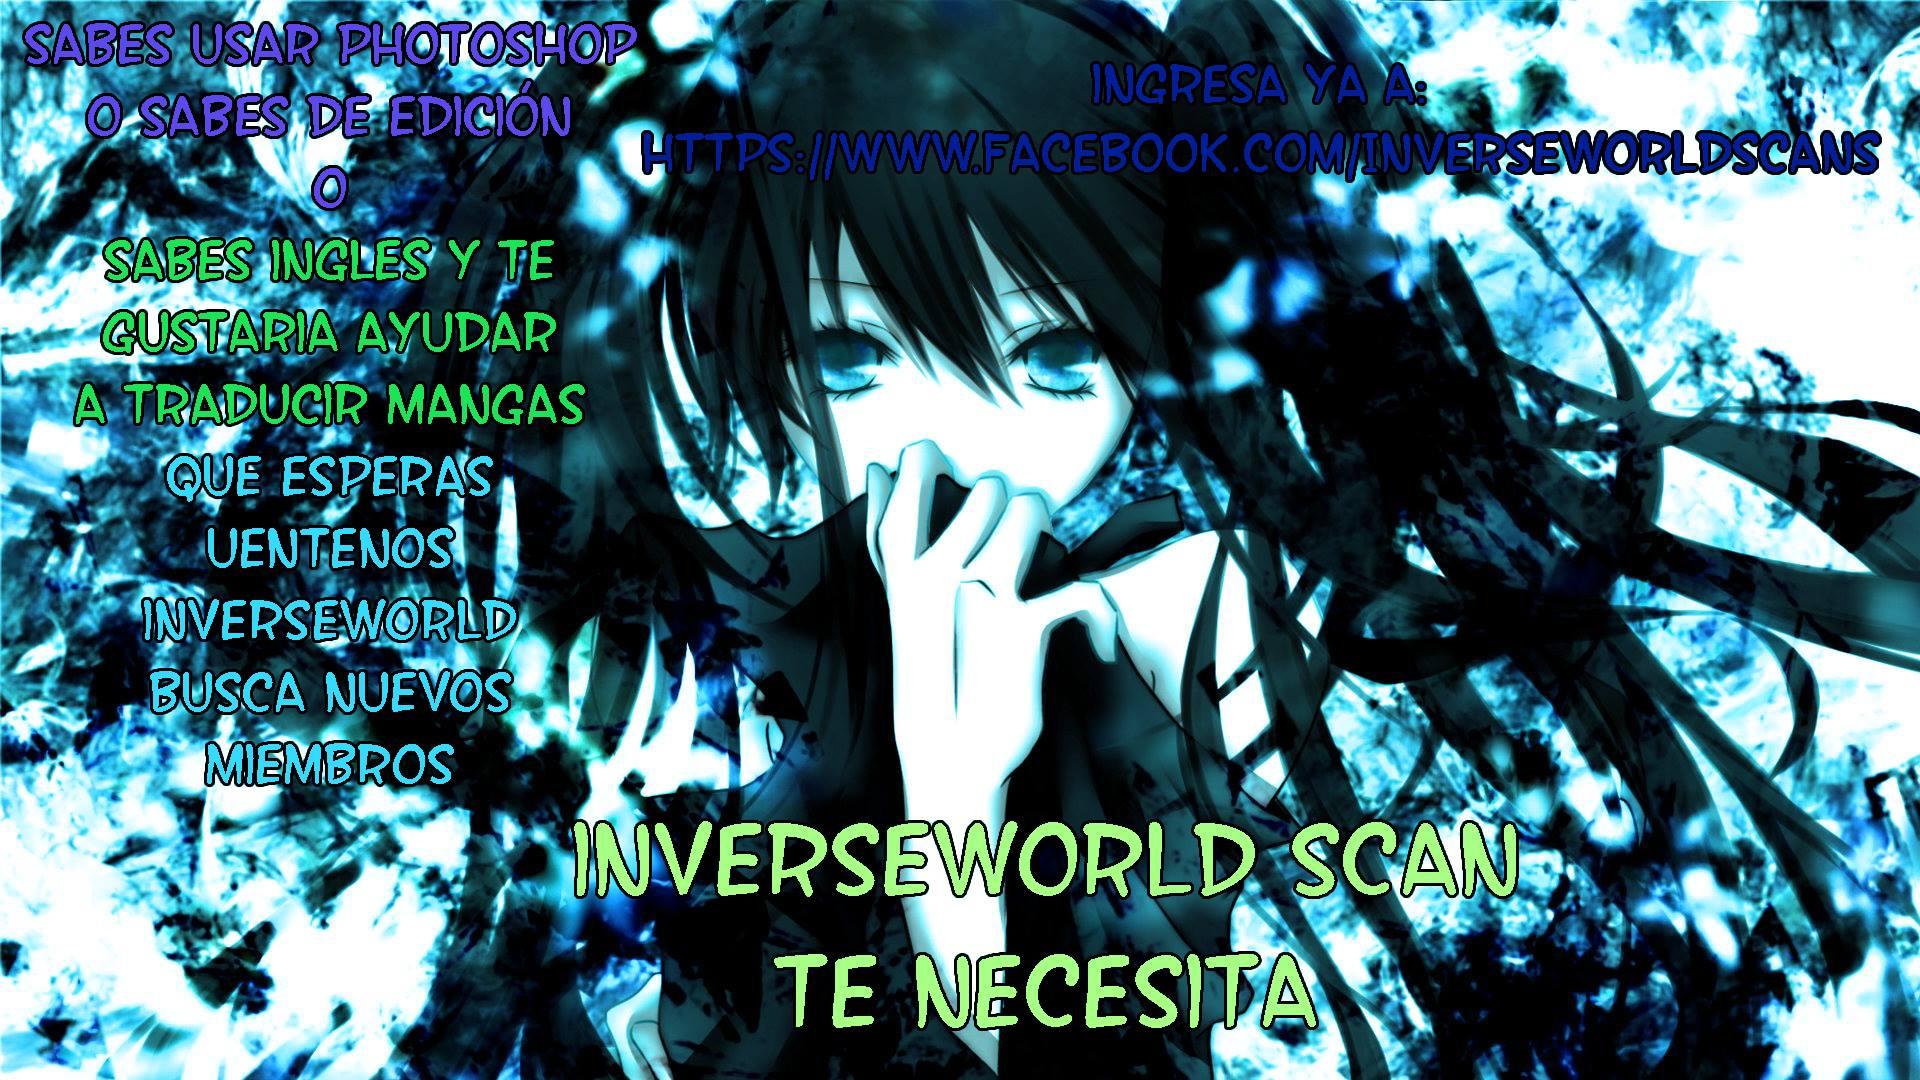 https://c5.ninemanga.com/es_manga/18/16210/415295/f66e0c71d3ab32ba83f31499cd8af1ad.jpg Page 2